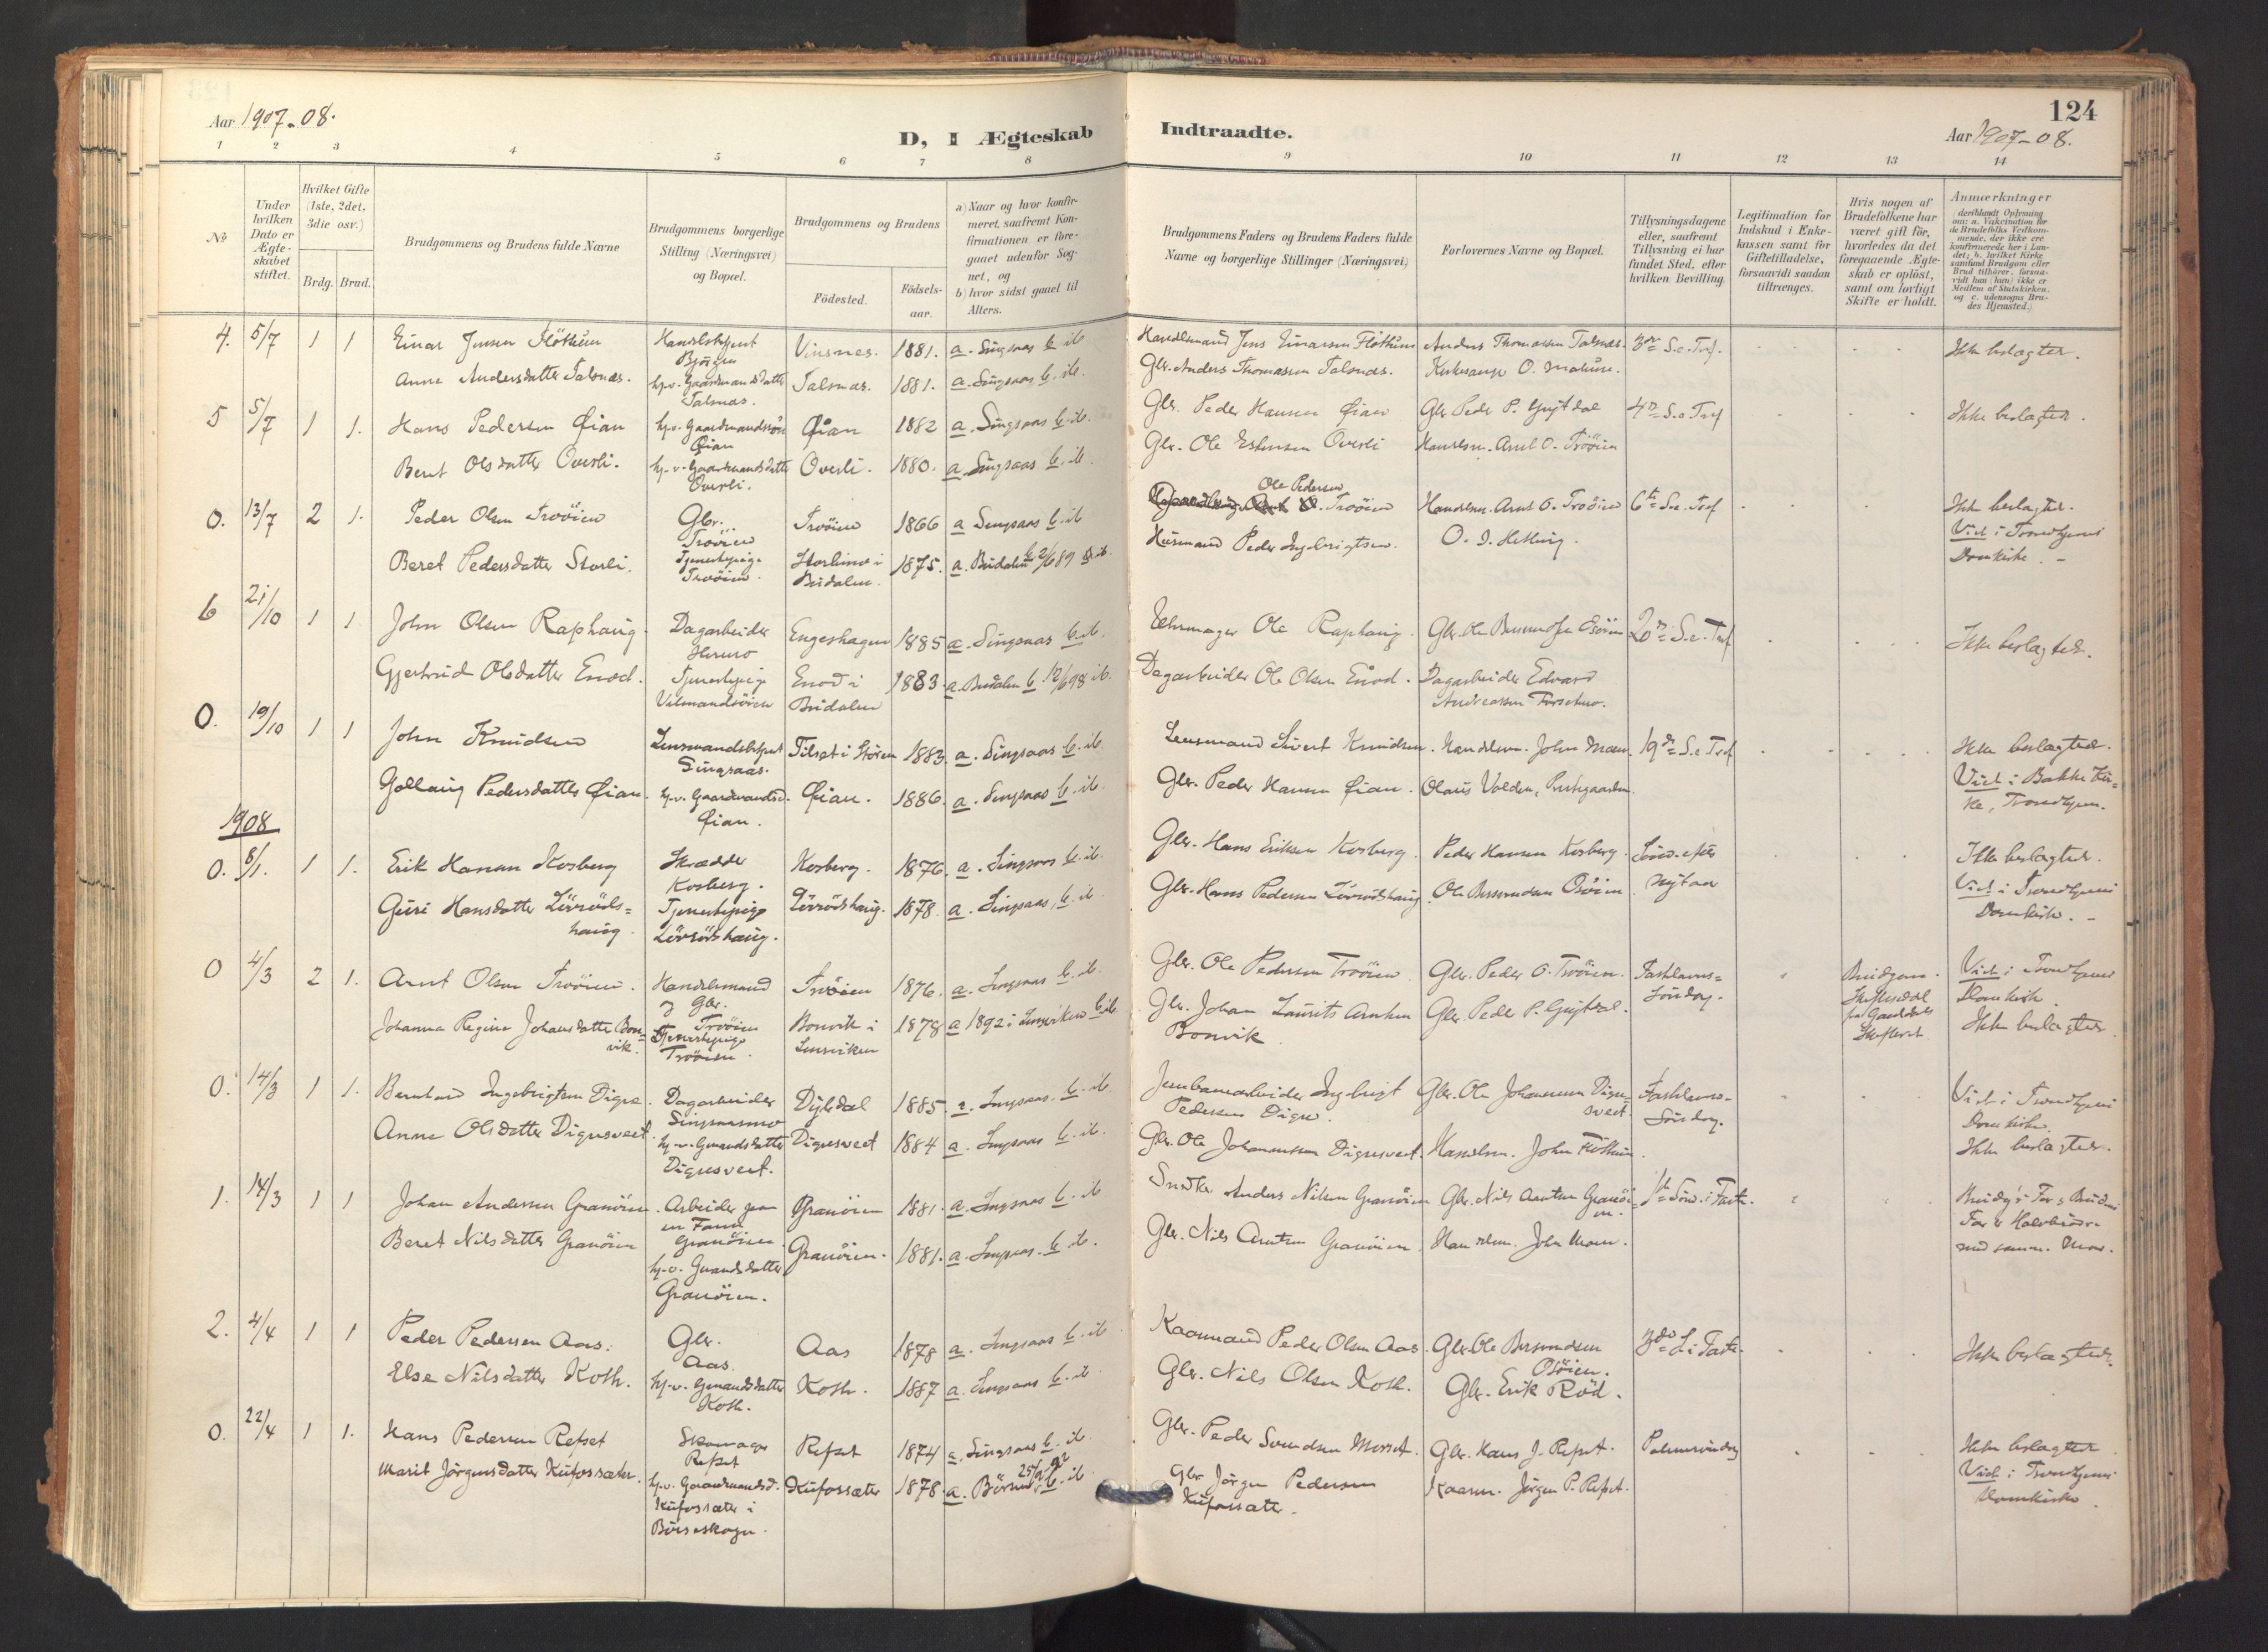 SAT, Ministerialprotokoller, klokkerbøker og fødselsregistre - Sør-Trøndelag, 688/L1025: Ministerialbok nr. 688A02, 1891-1909, s. 124